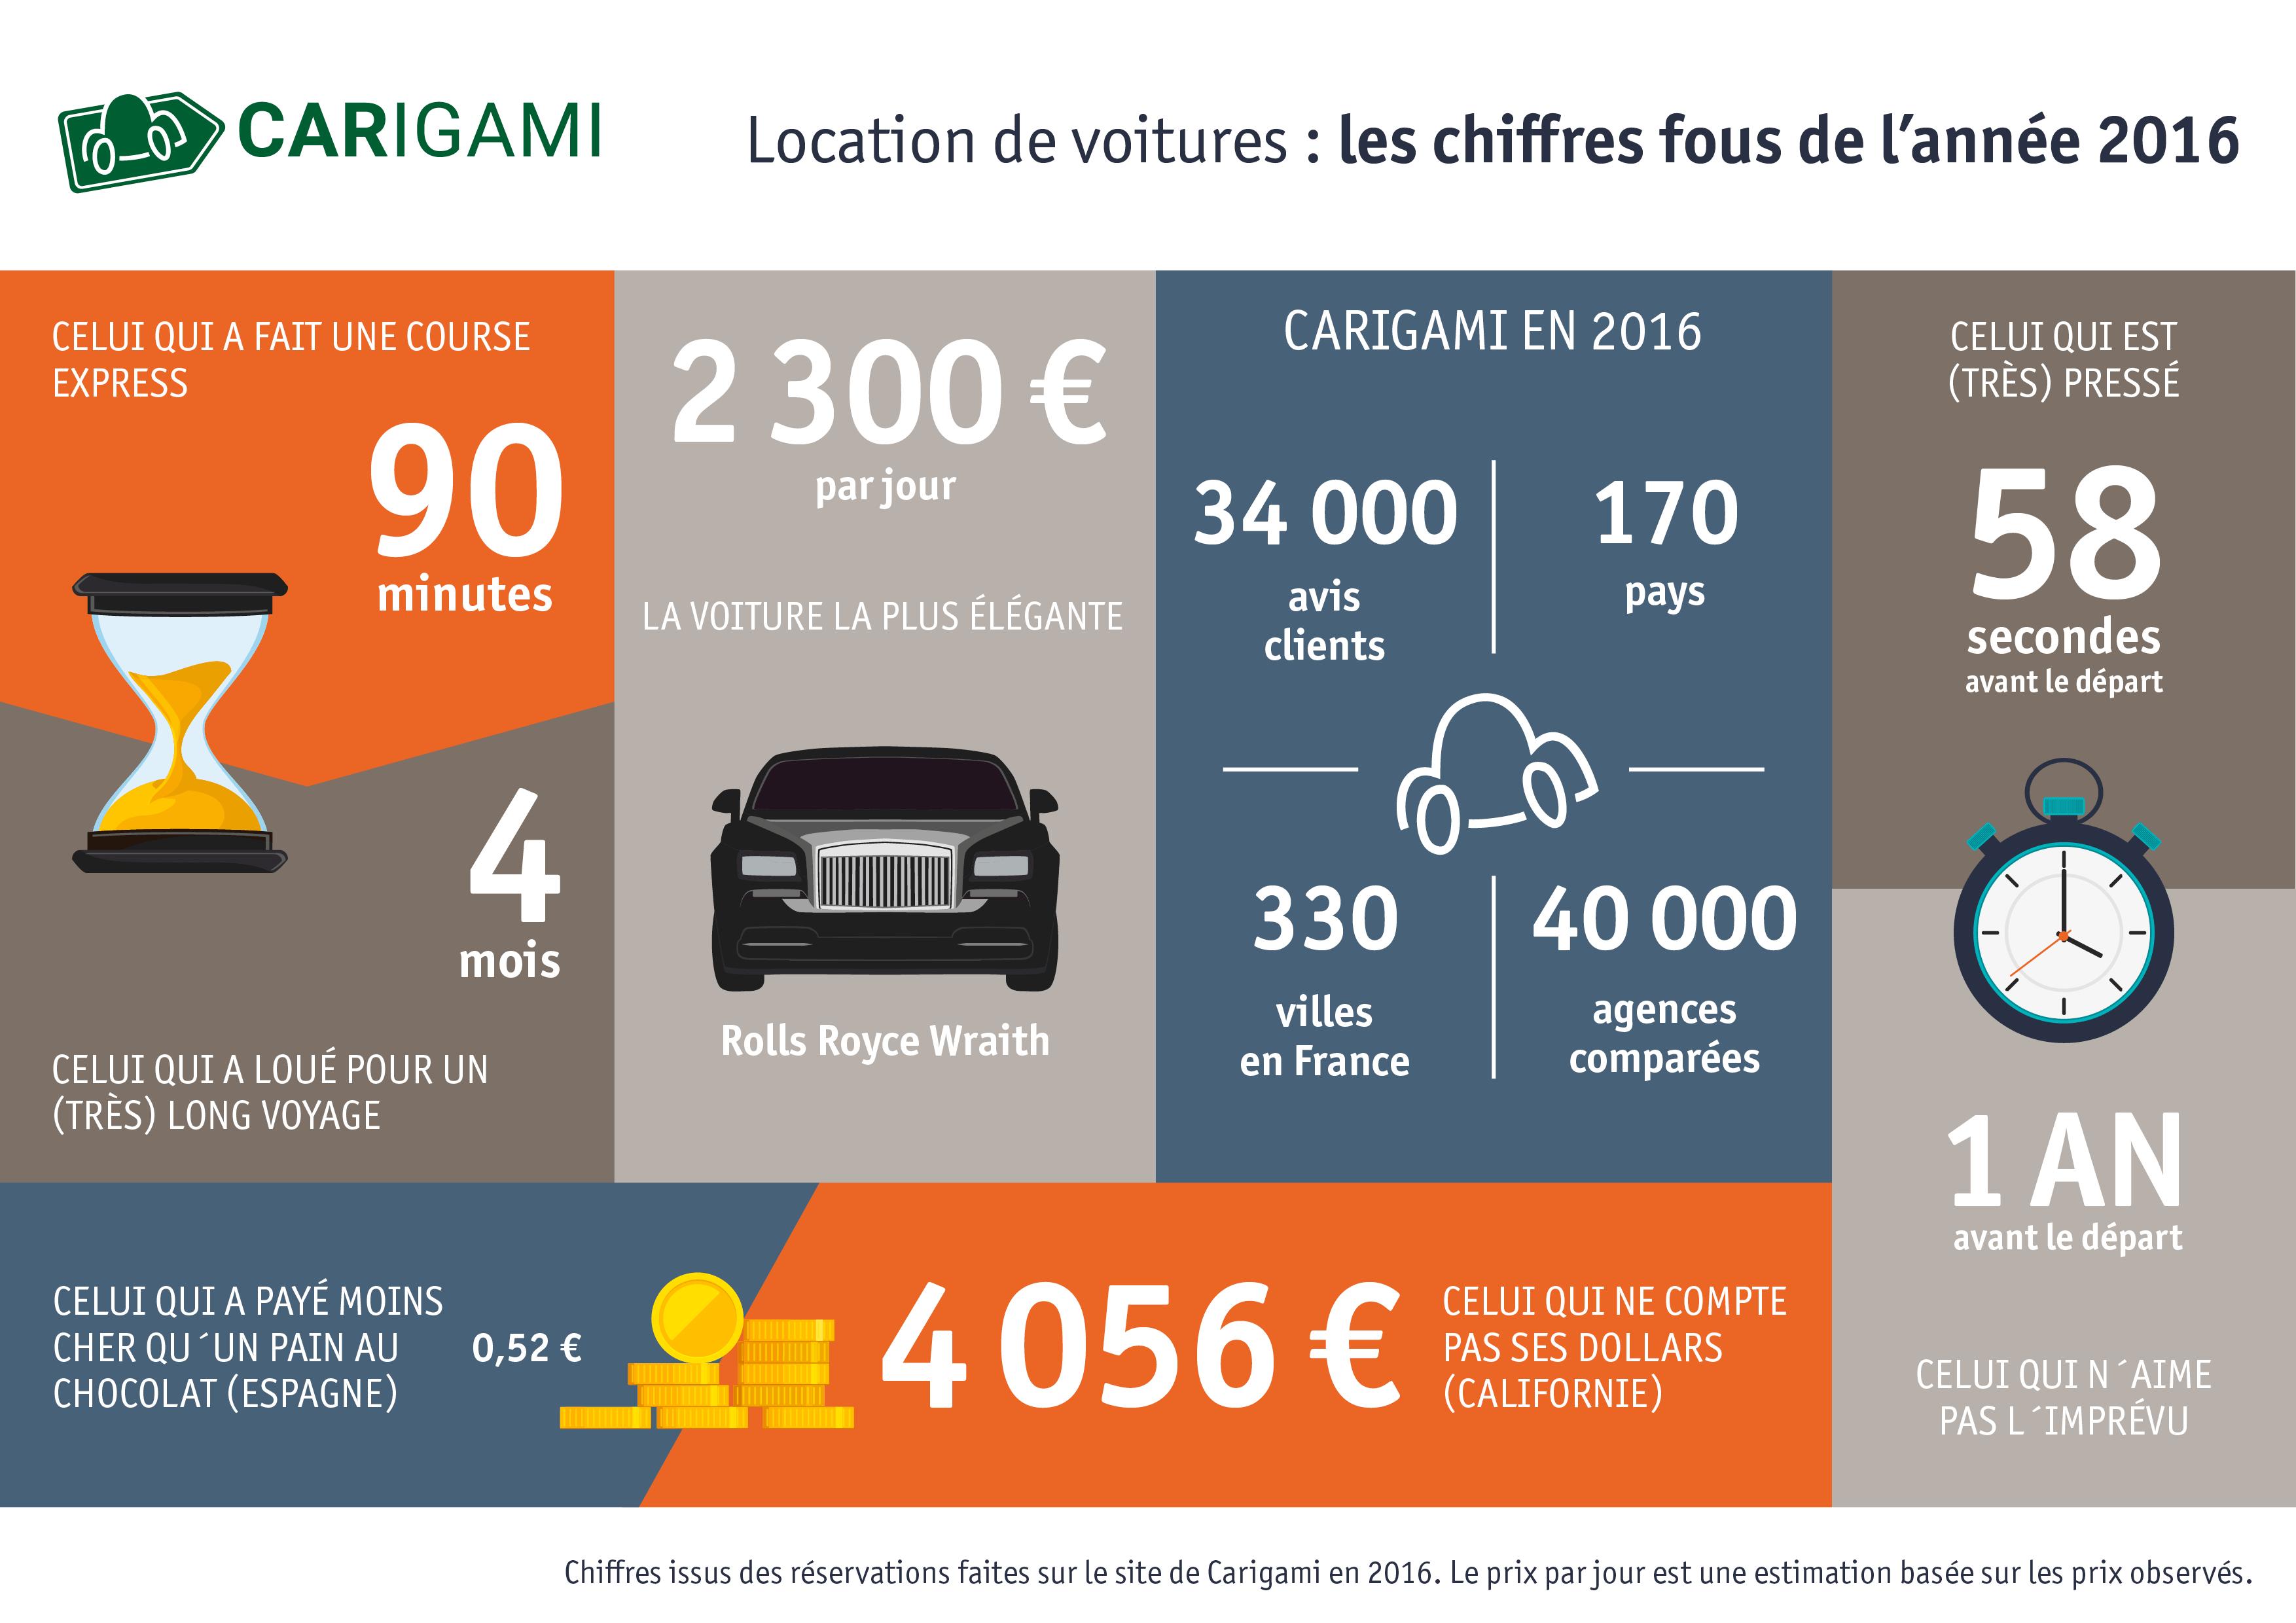 Infographie location de voiture 2016 par Carigami.